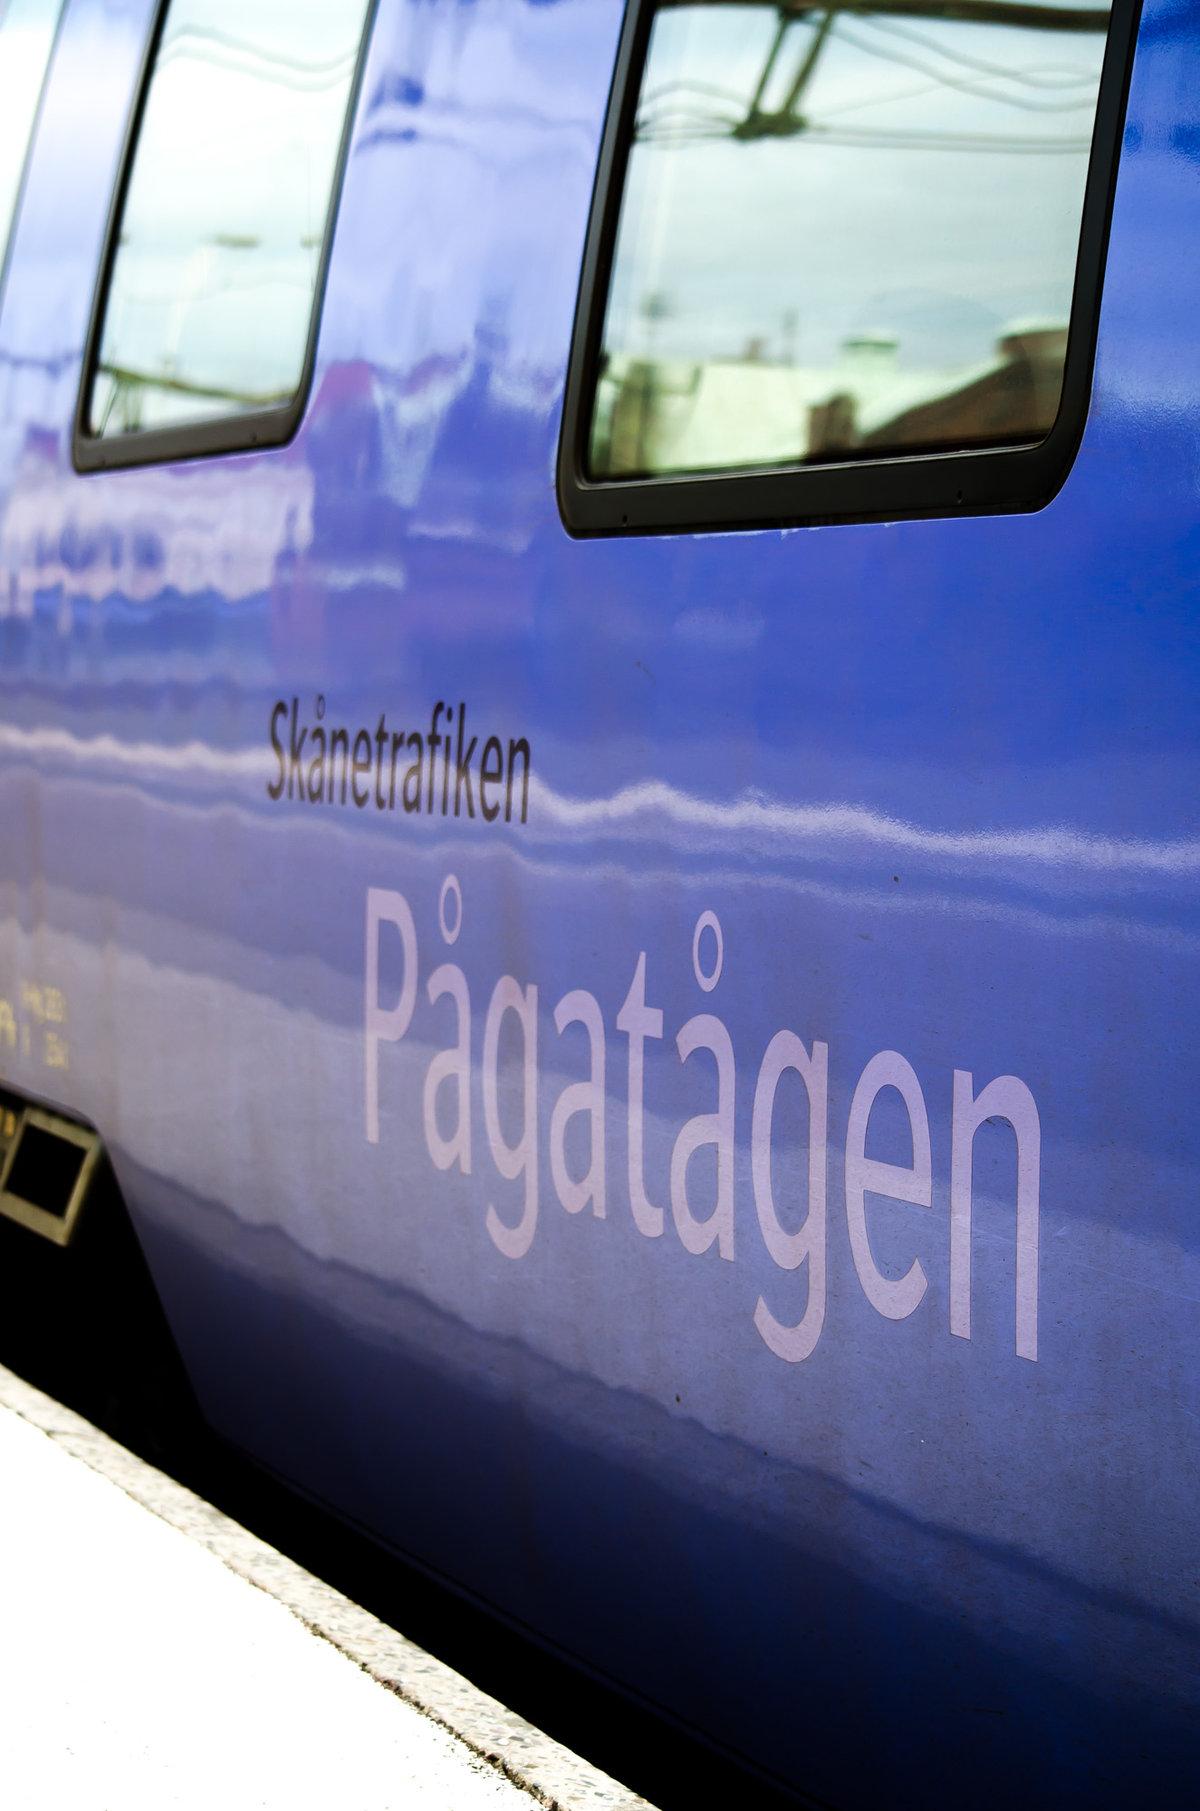 Arriva Sverige AB